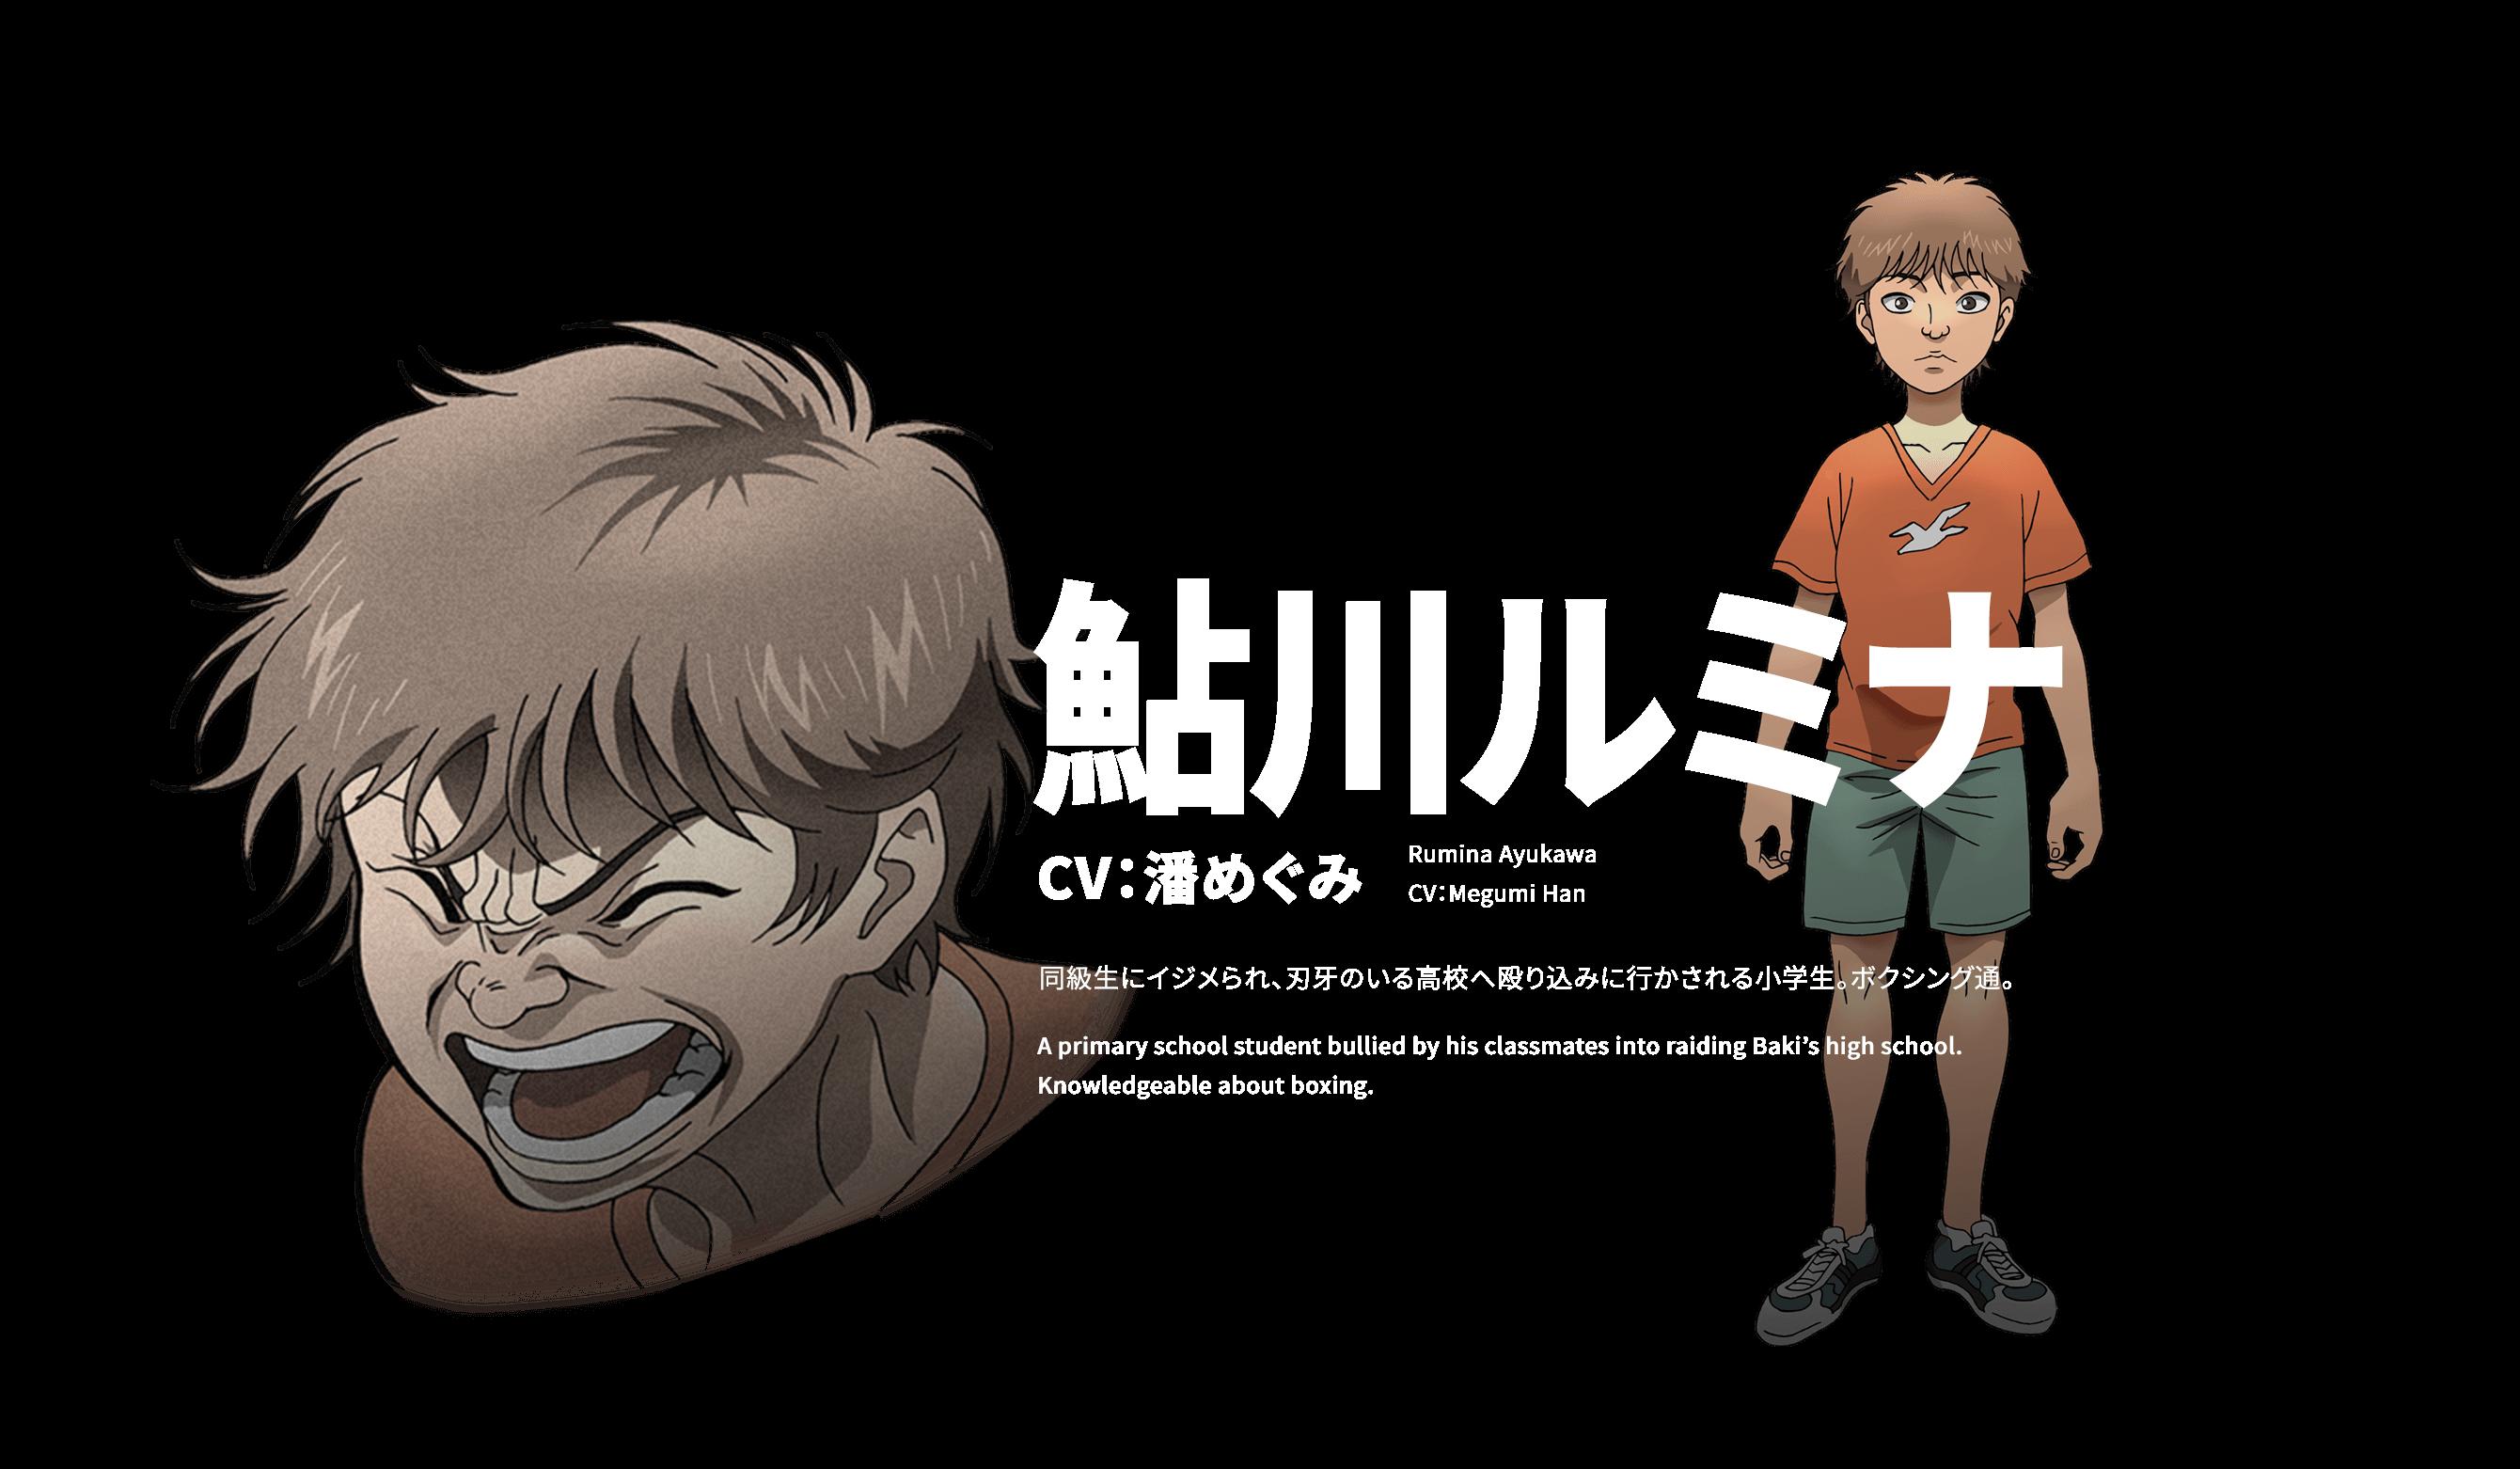 鮎川ルミナ CV 潘めぐみ